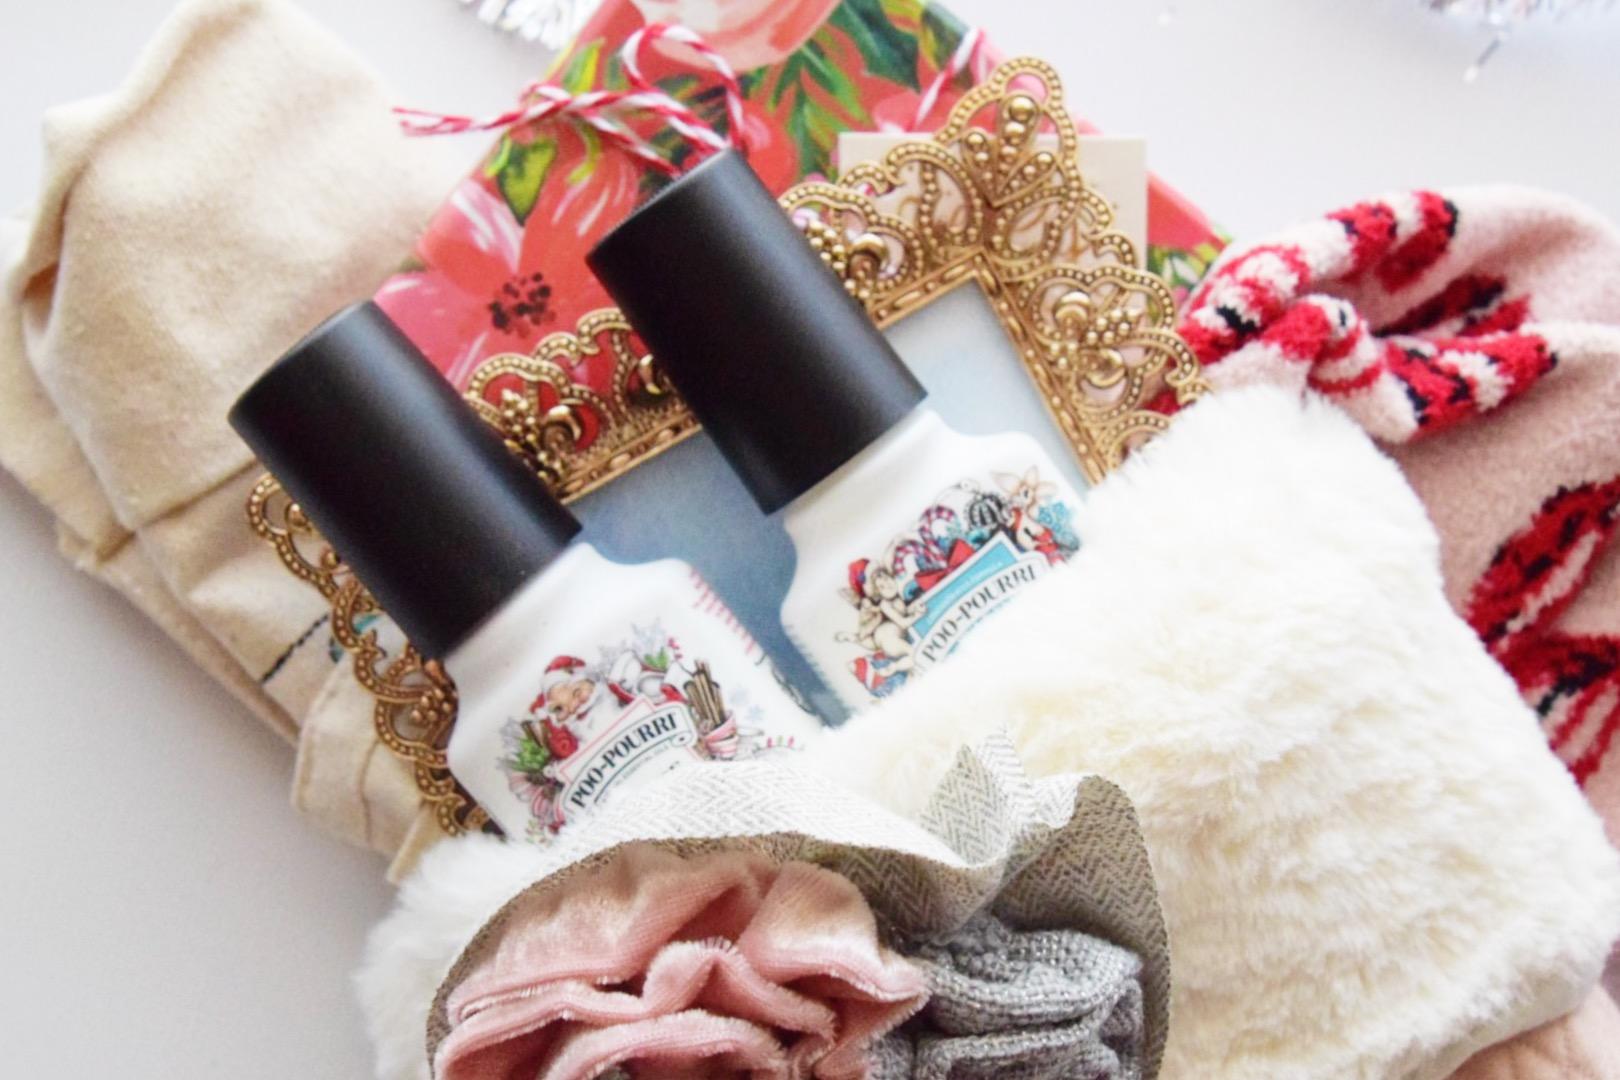 Houston Lifestyle Blogger - Wander Dust  Blog - 10 Stocking Stuffer Ideas for College Girls 2017 (20).JPG